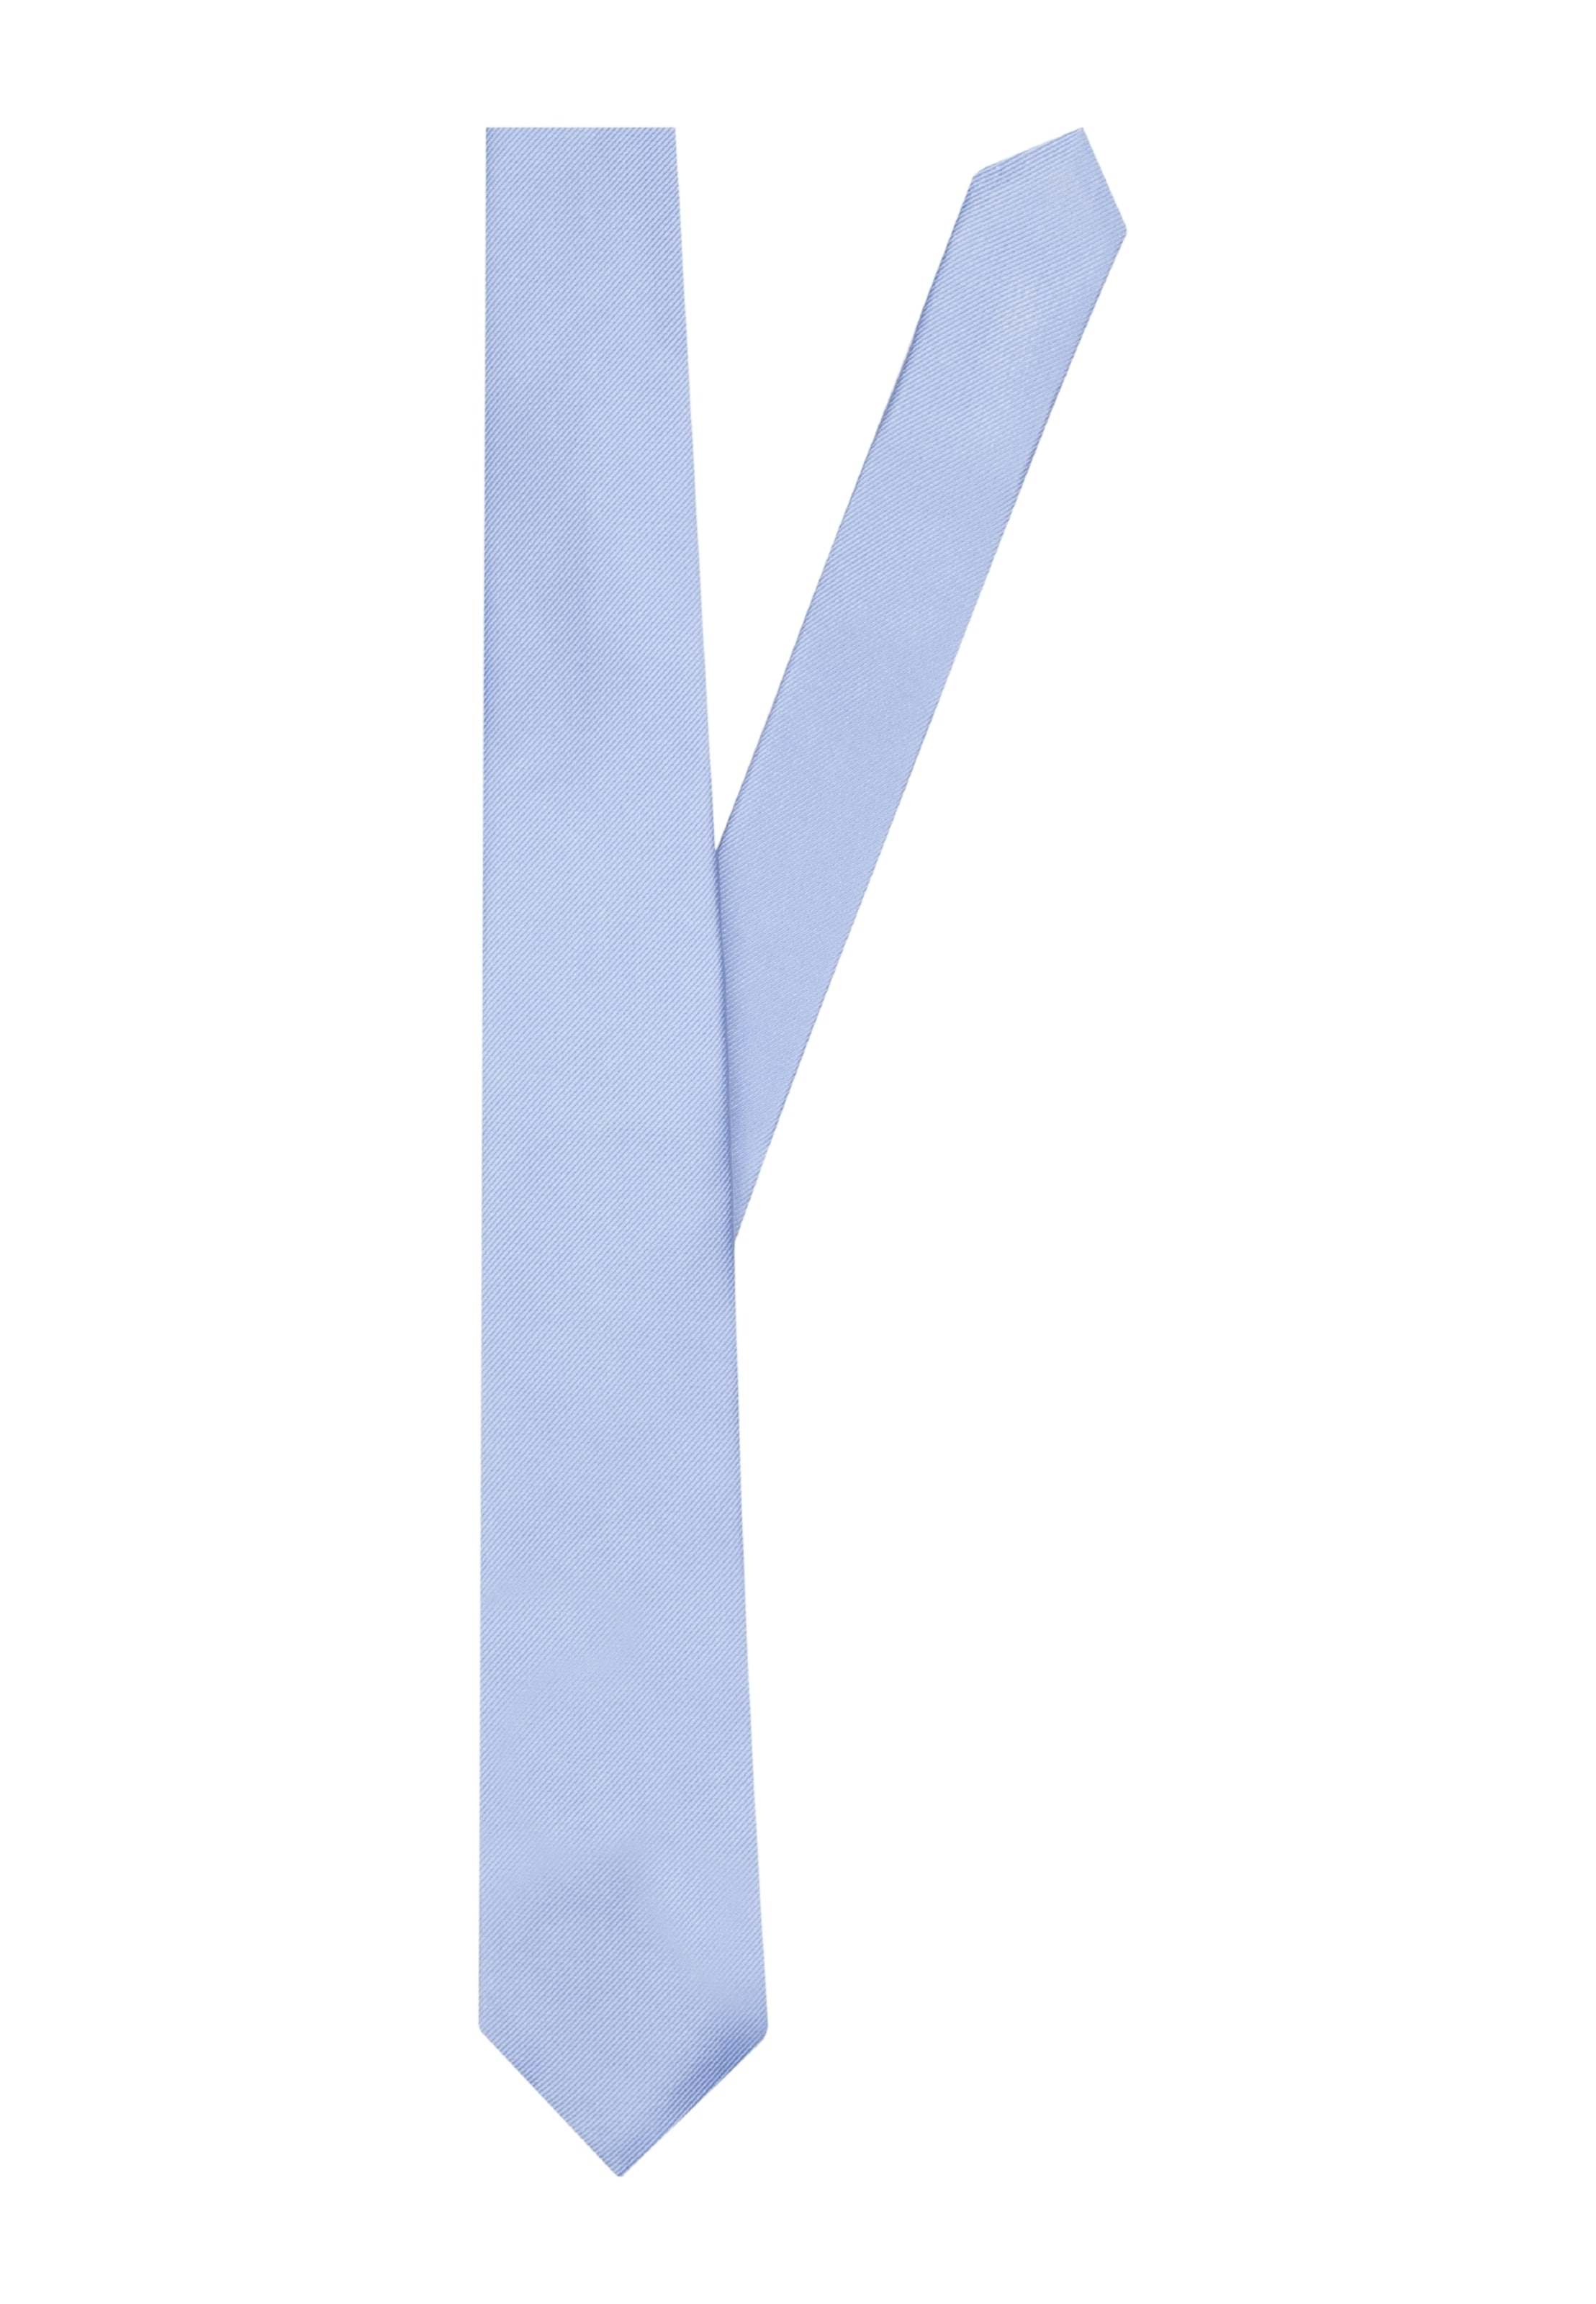 Rose ' Seidensticker Schwarze In Blauw Stropdas vN0wm8n